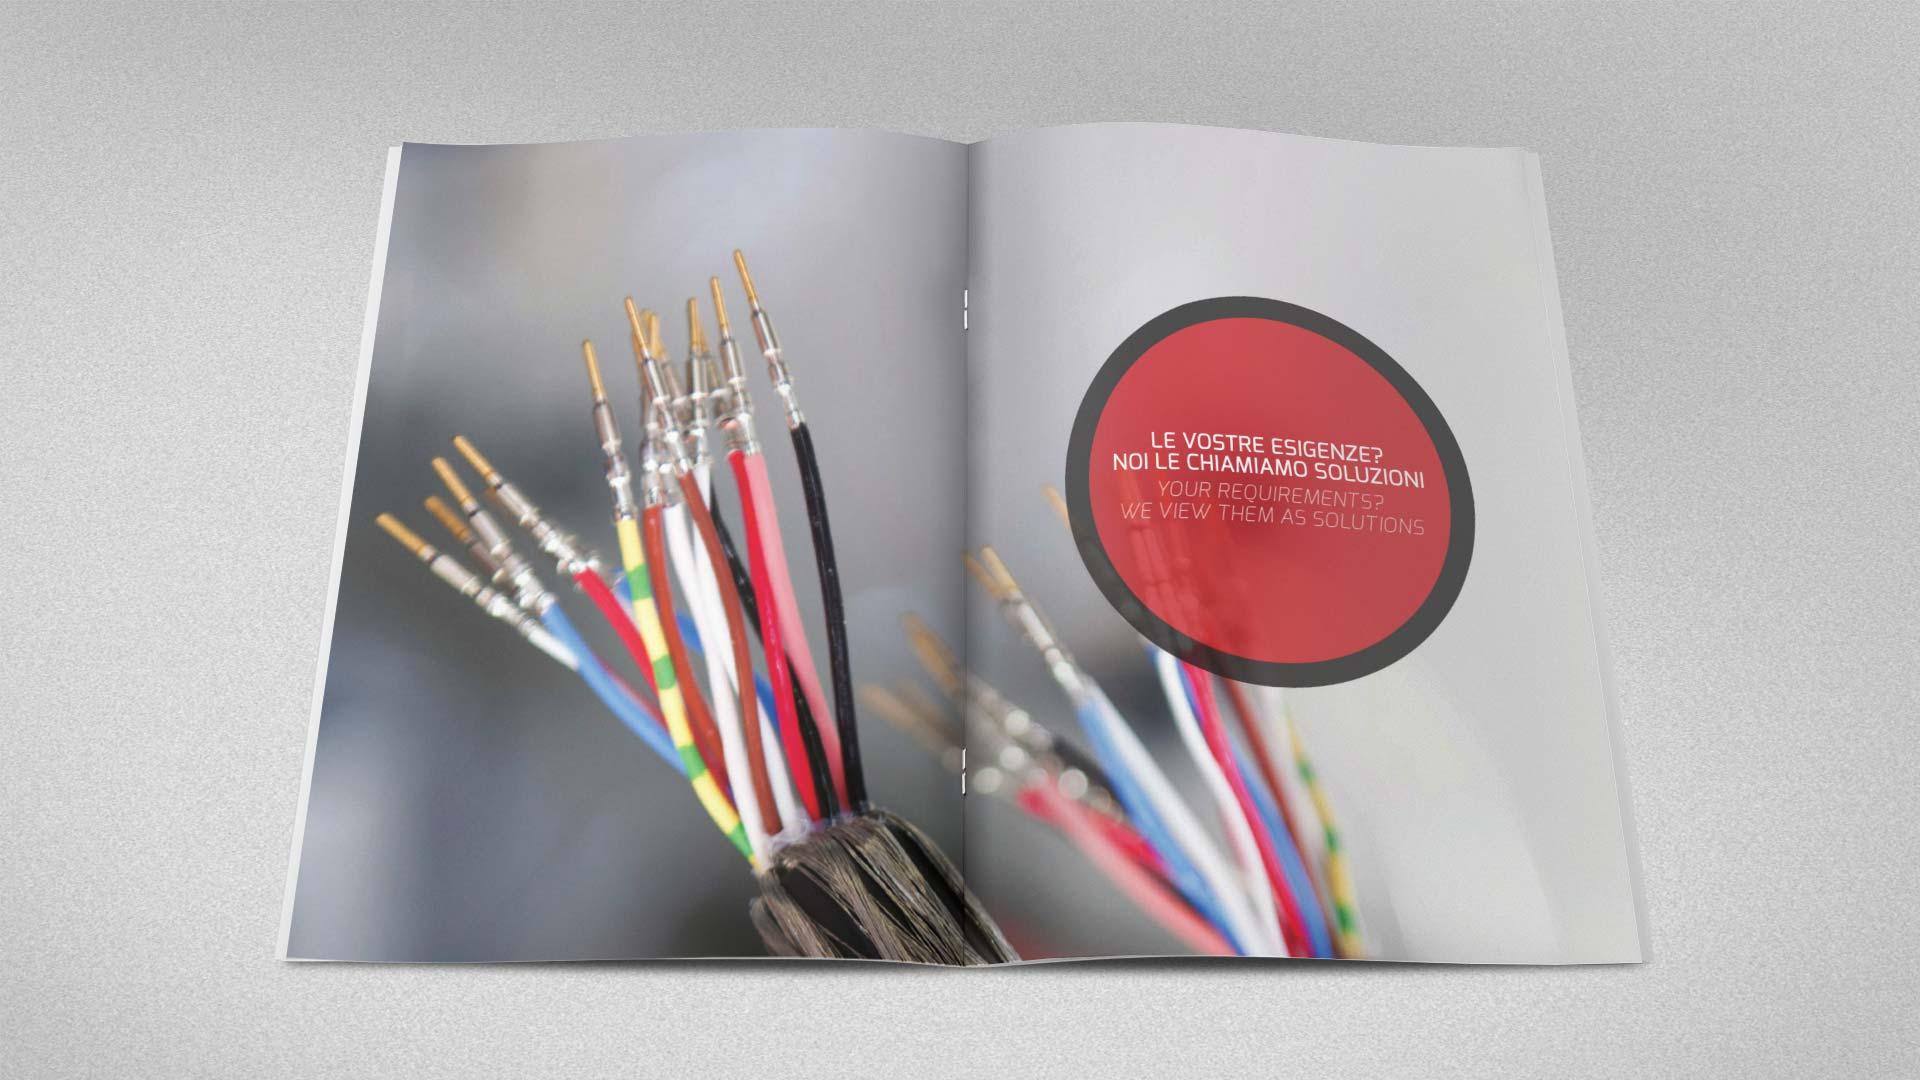 Brochure A4 HTC 4 - HTC, L'impulso dell'innovazione, Brochure